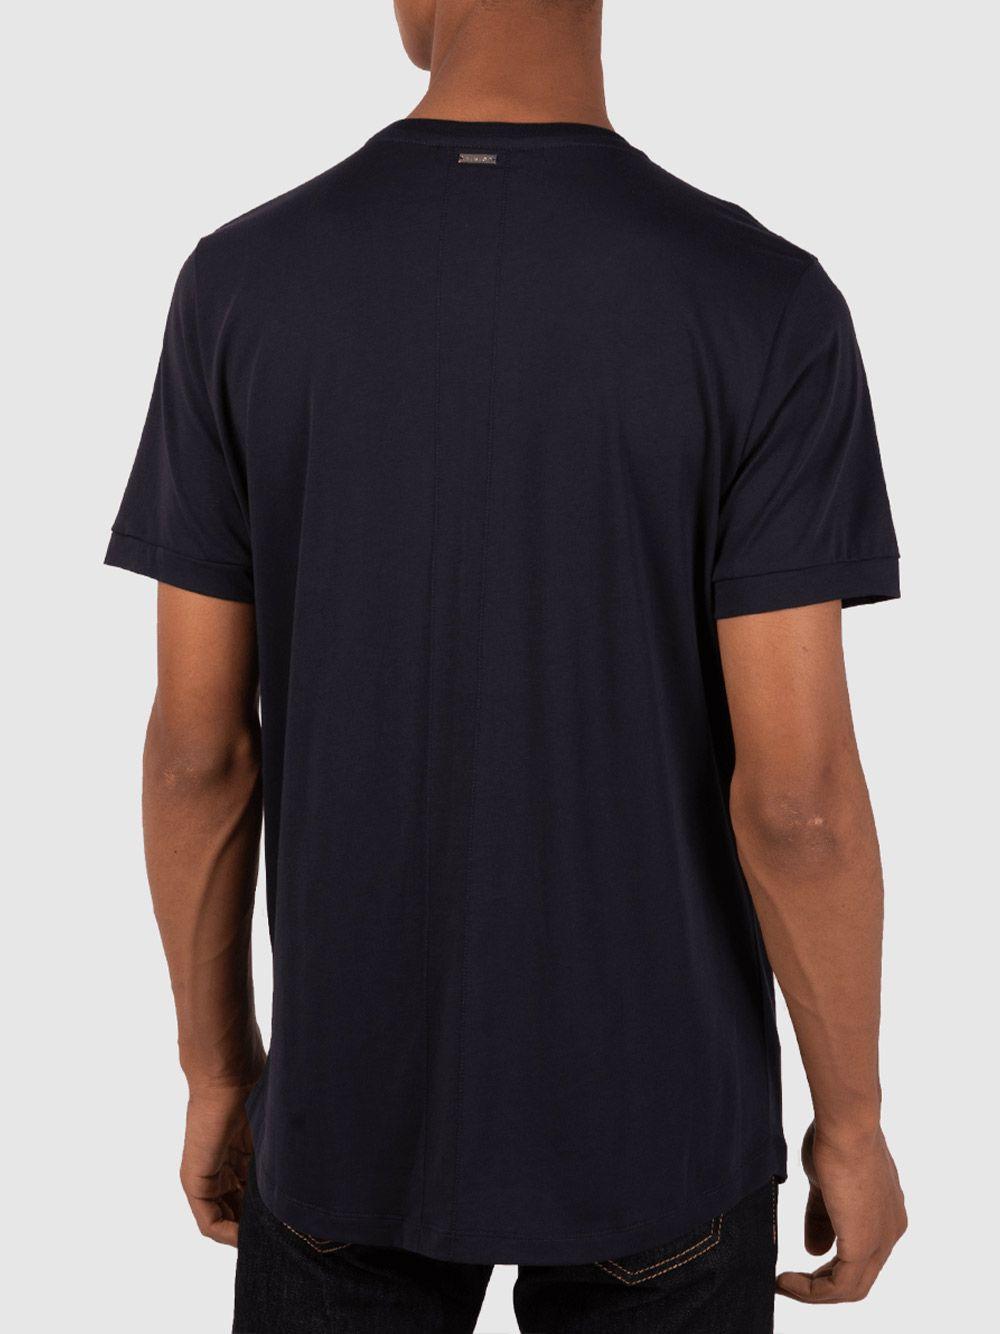 Inimigo Patch T-Shirt | Inimigo